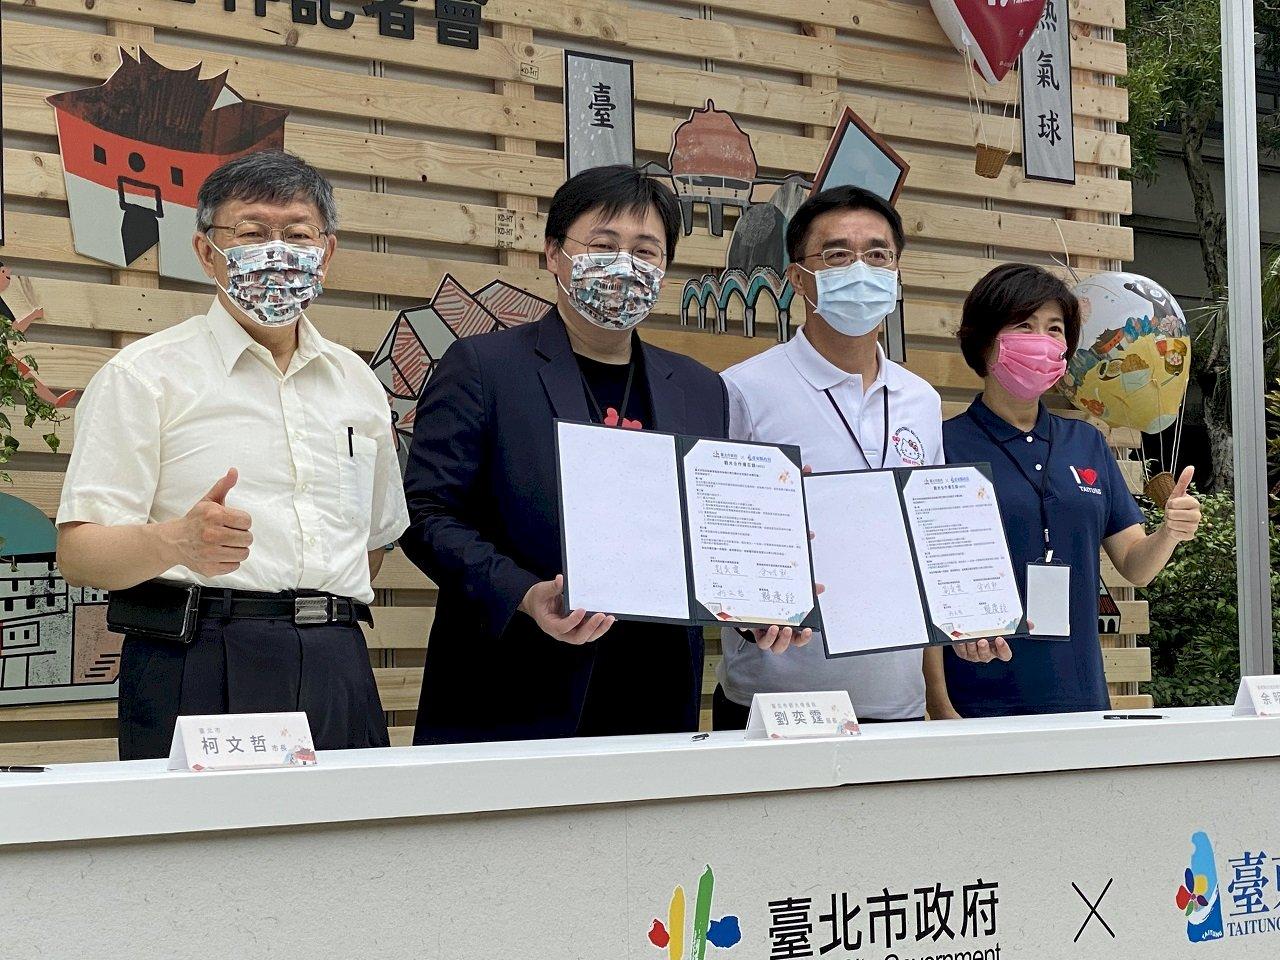 「台北、台東」雙城結盟 透過「鳴日號、熱氣球」體驗雙城魅力